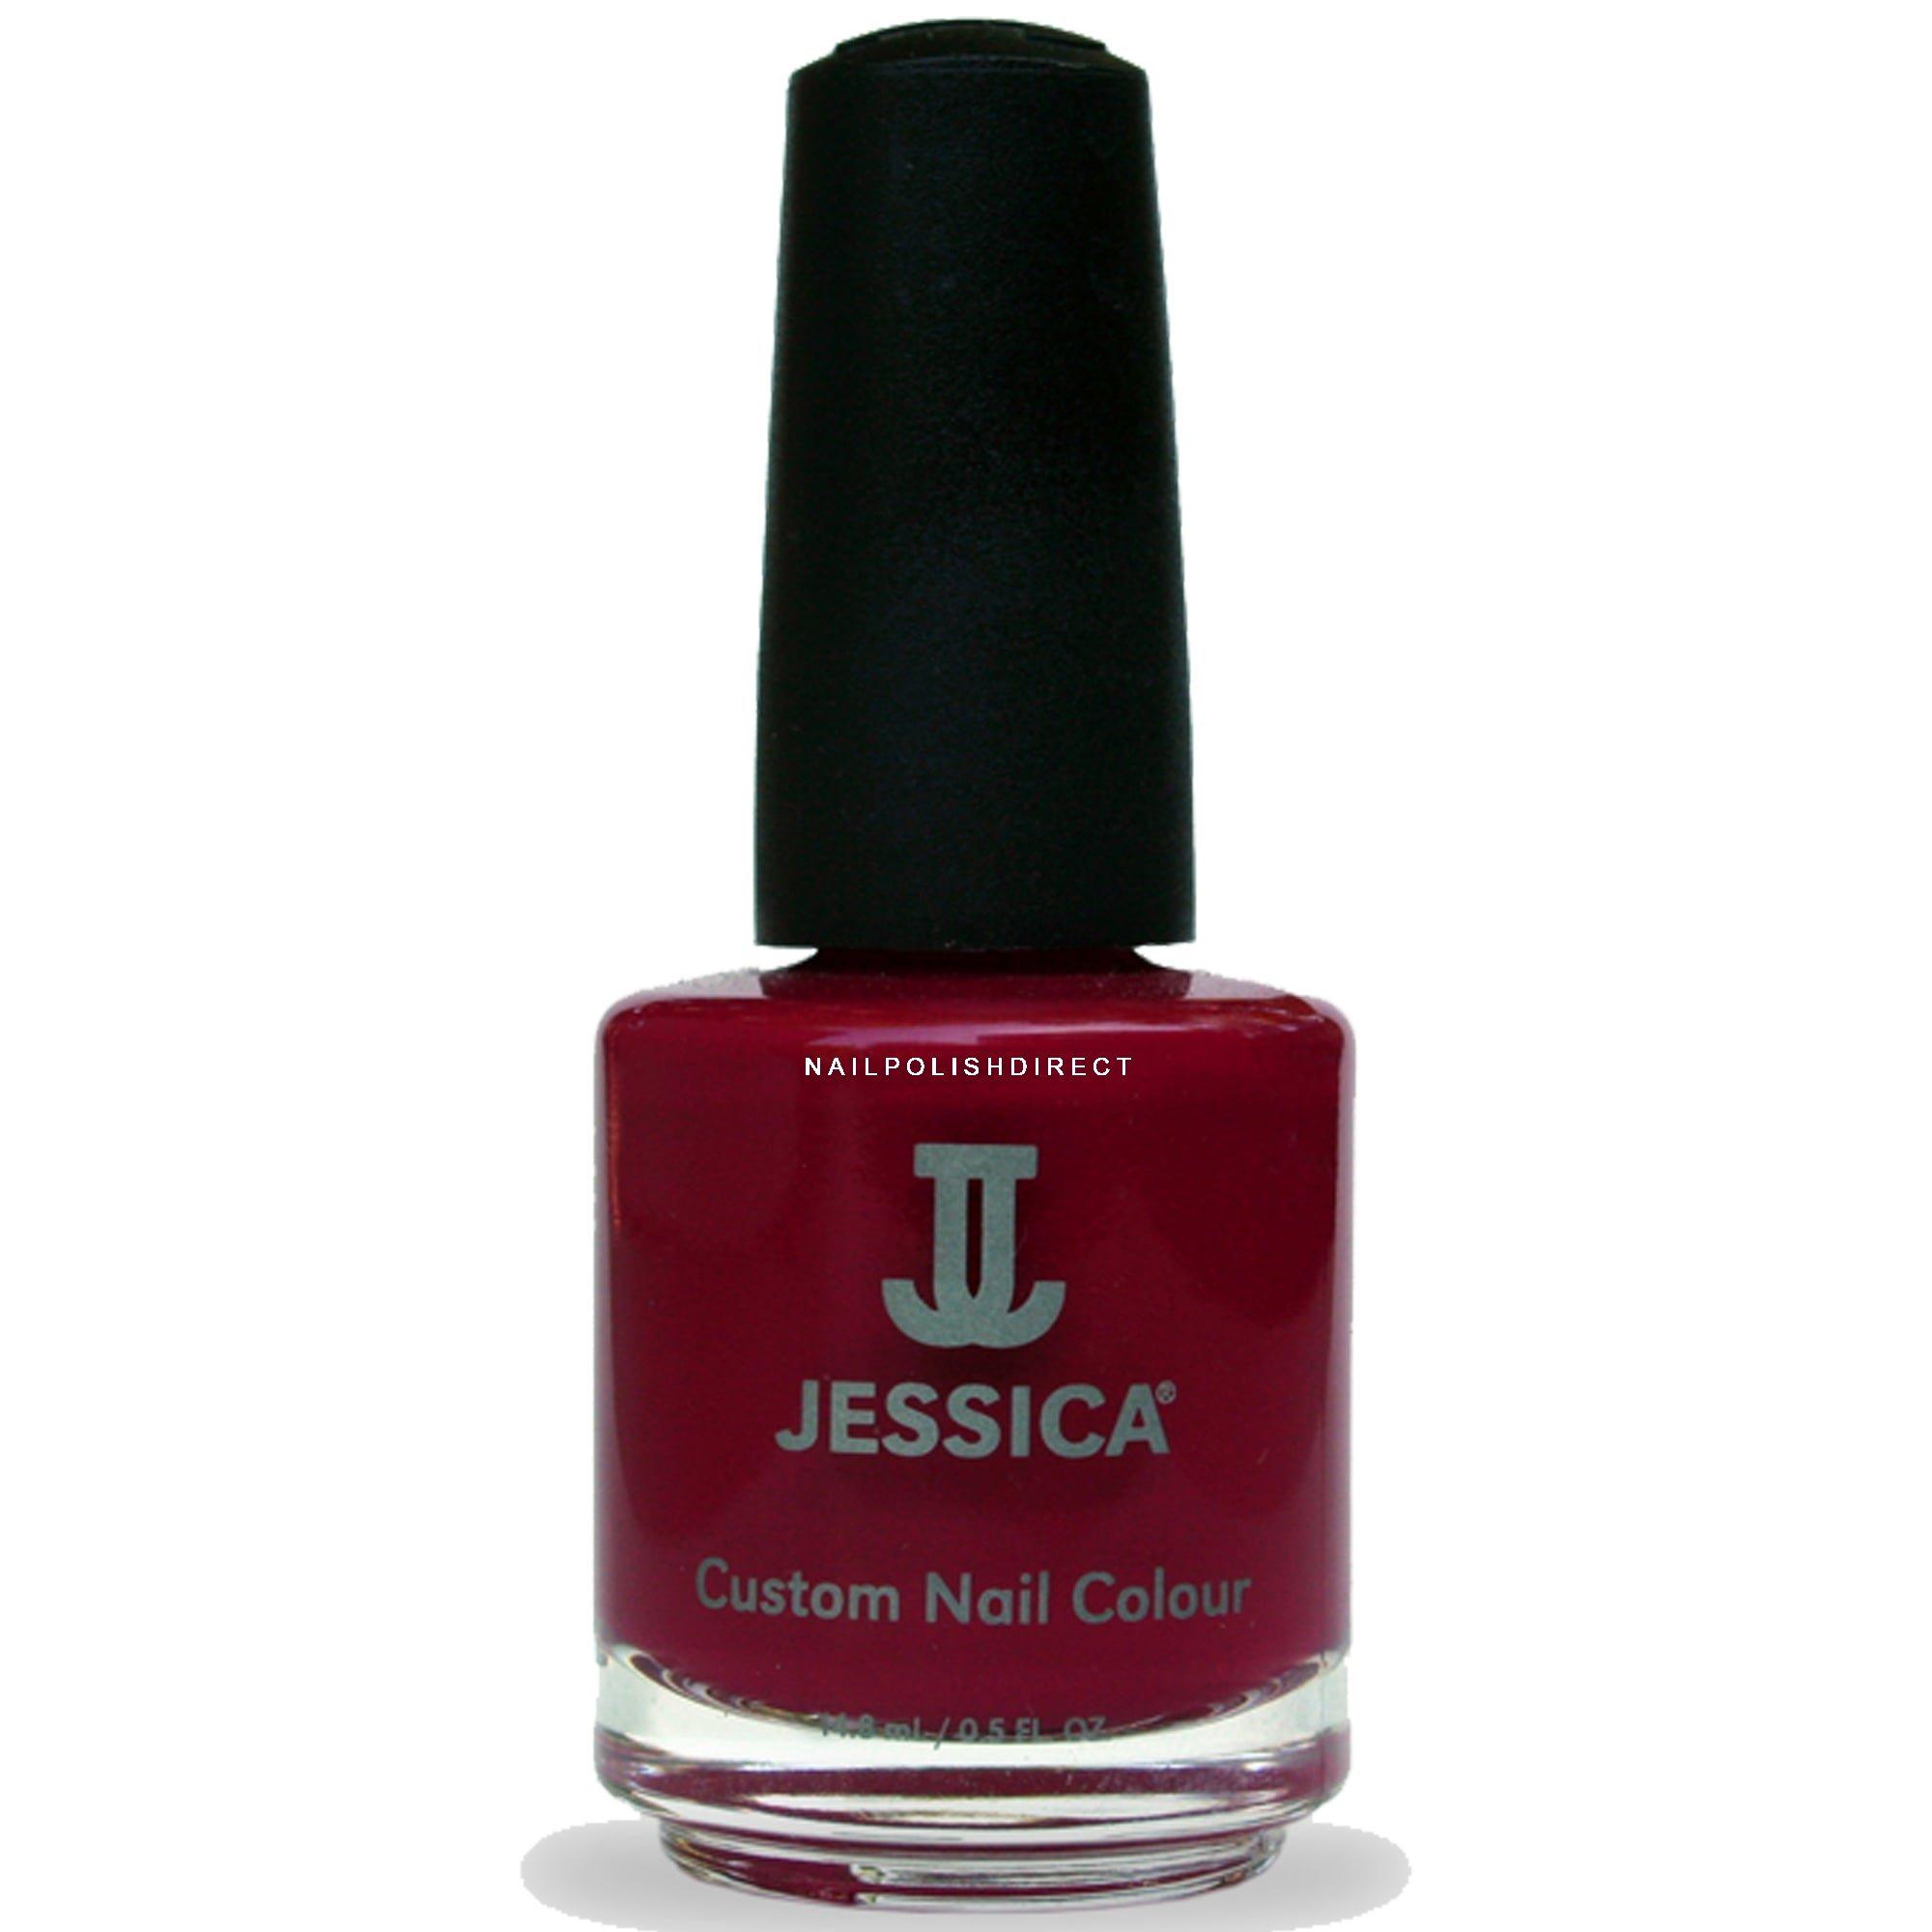 Jessica Orange Nail Polish: Jessica Winter Berries Nail Polish Is Available At Nail